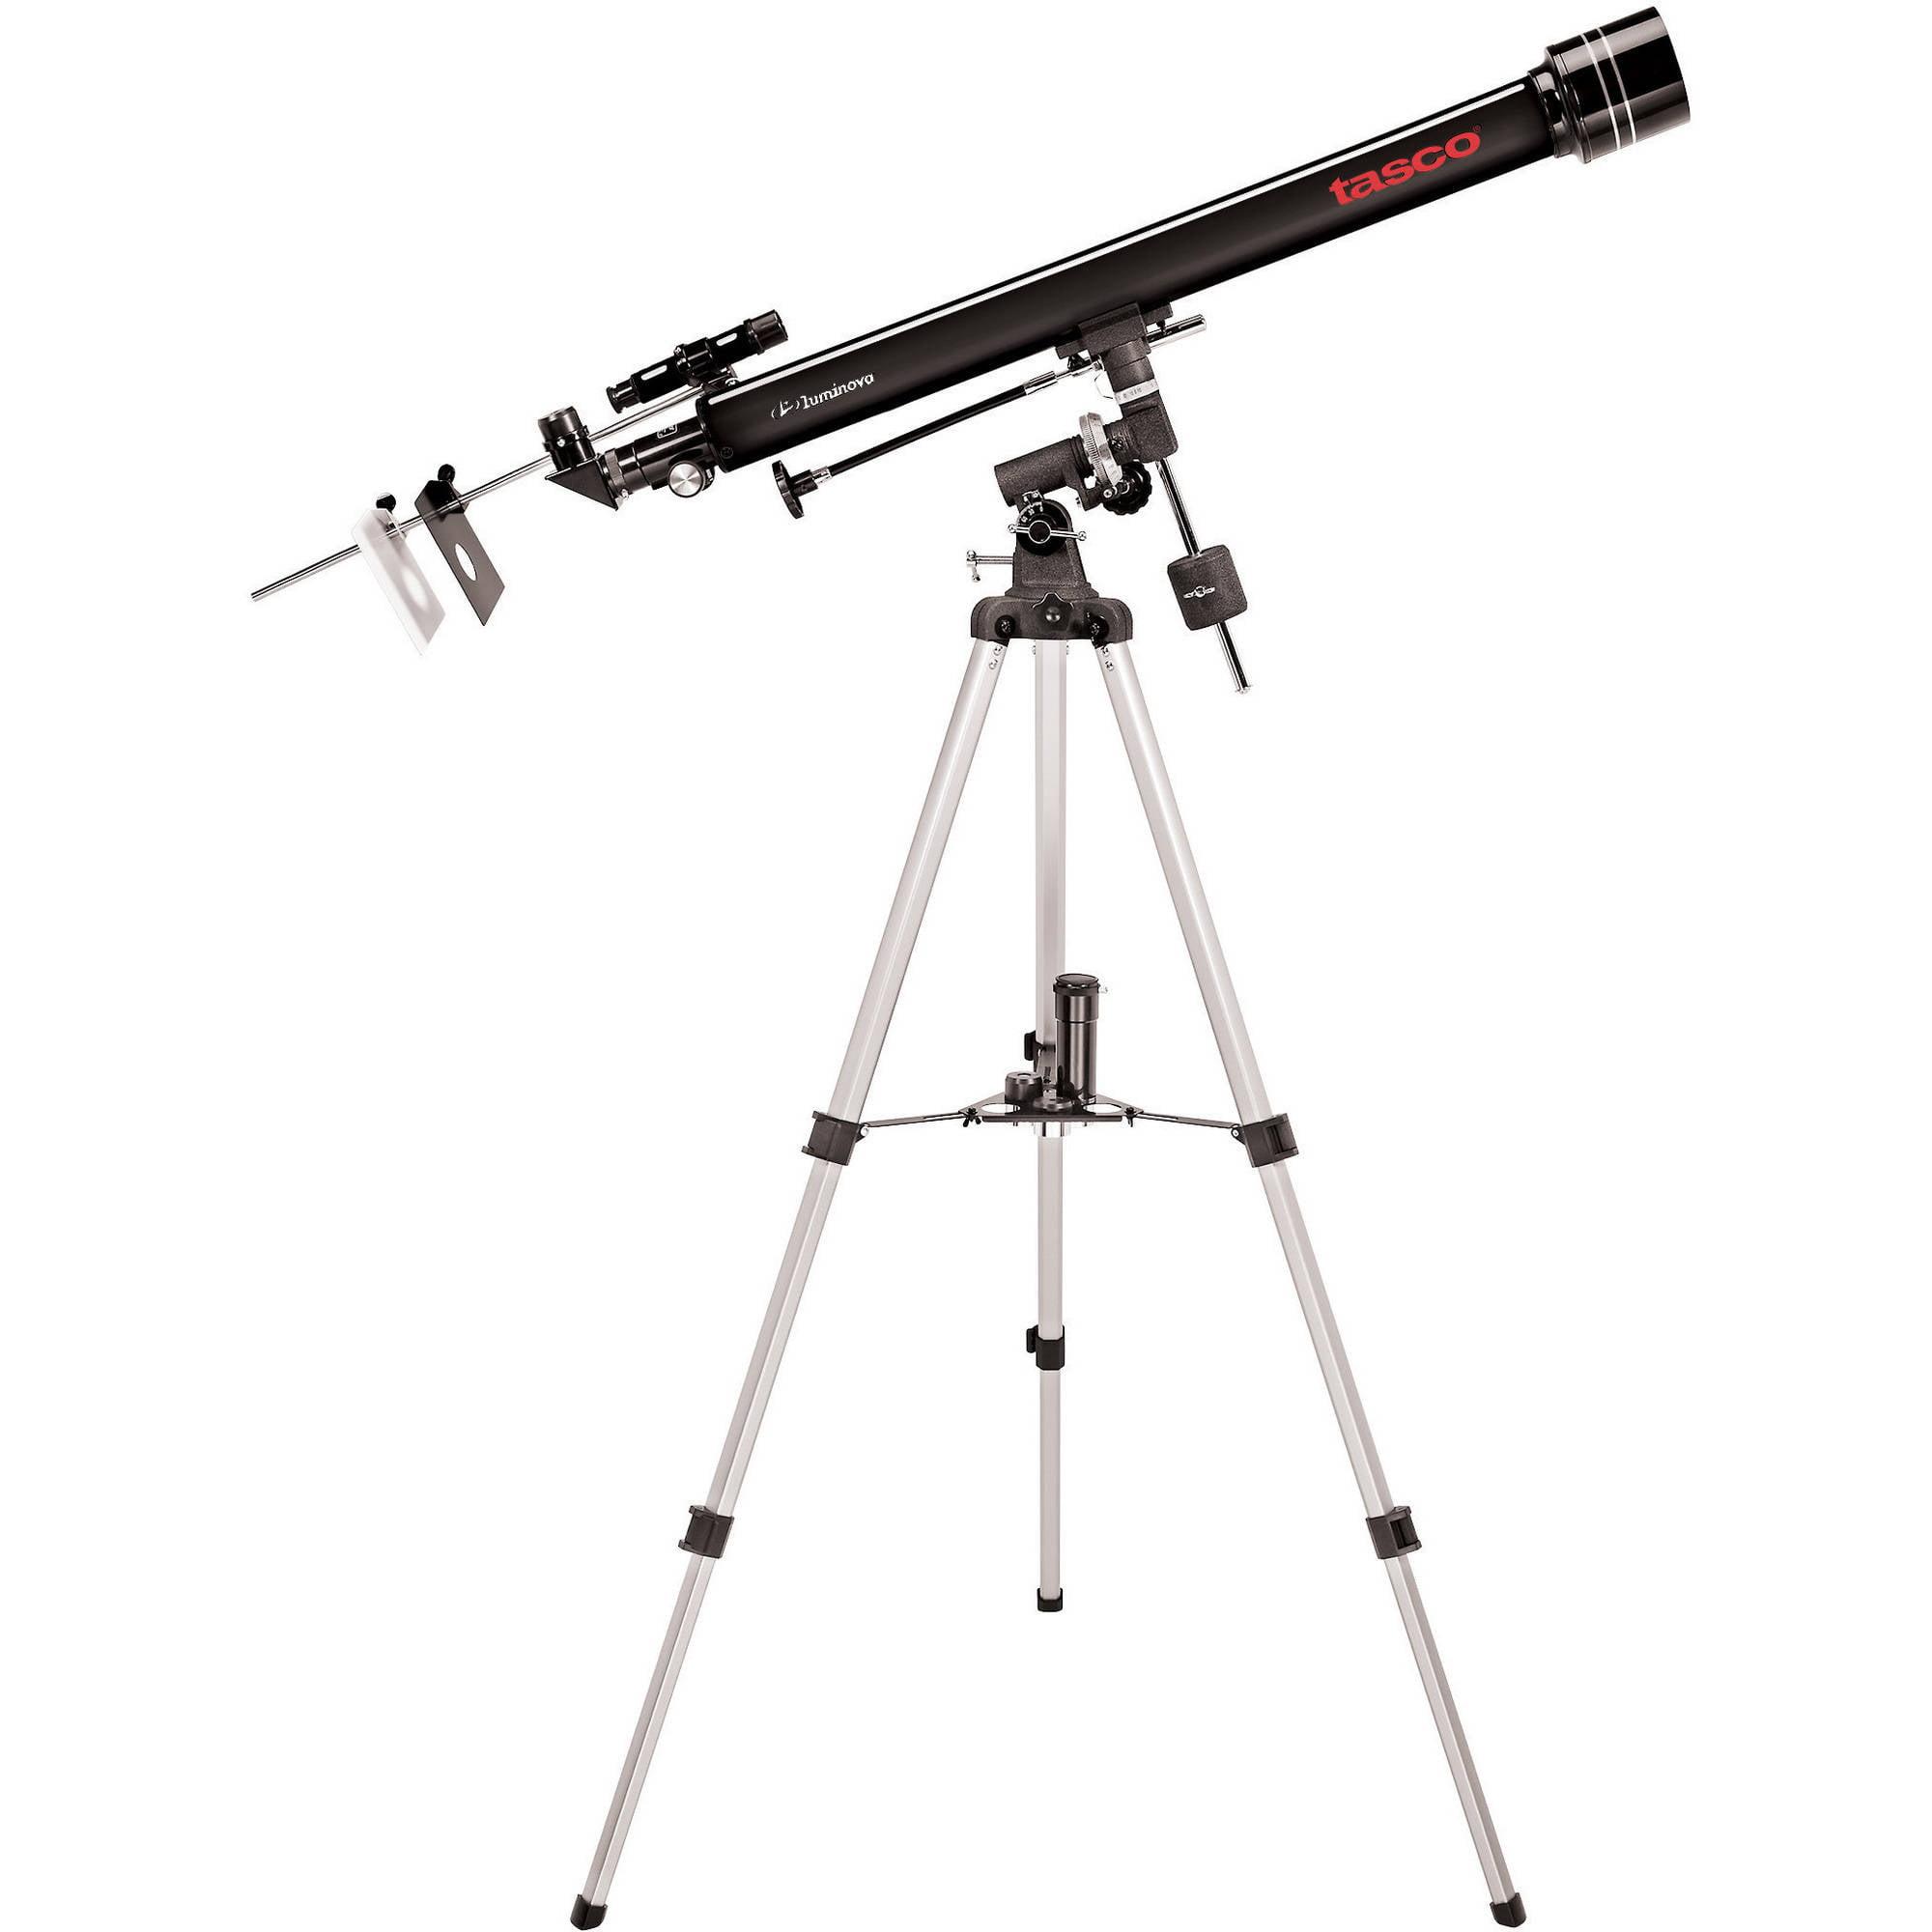 Tasco Luminova 60x900MM Refractor Telescope by Tasco